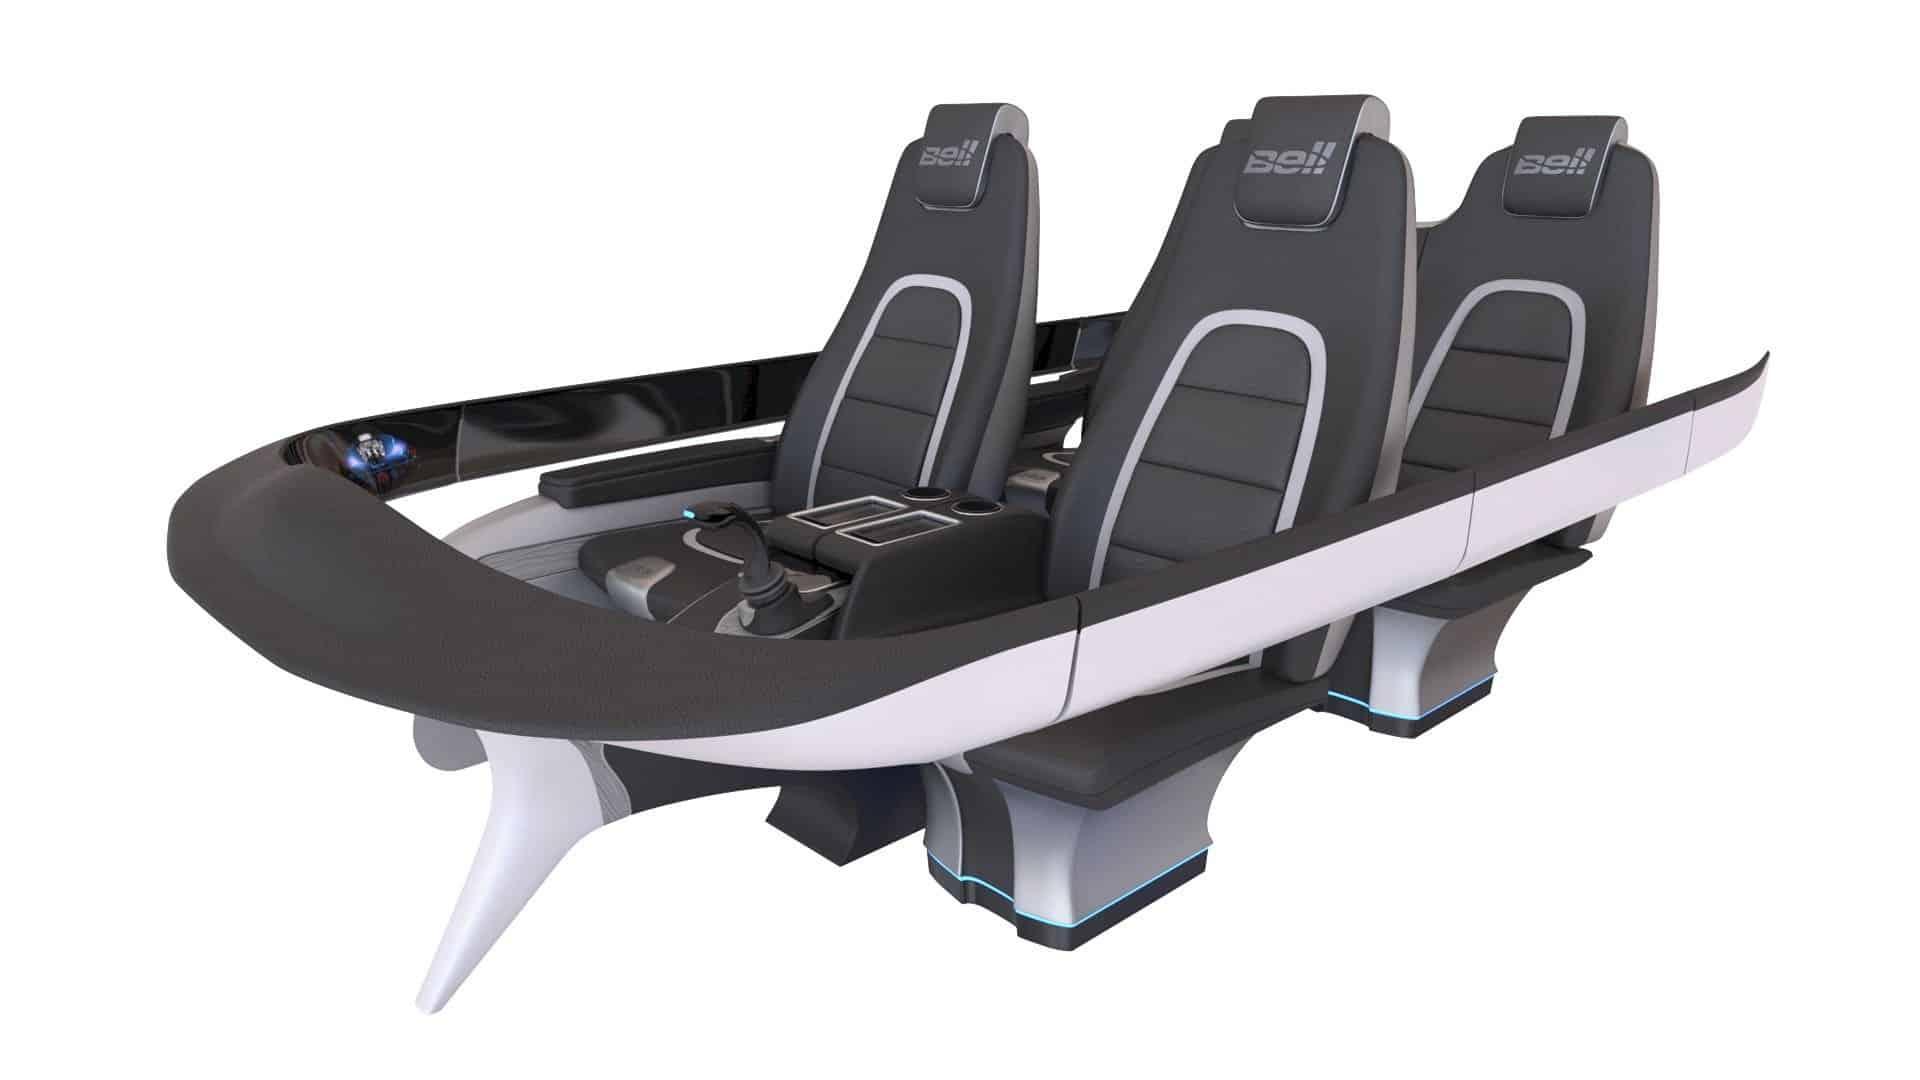 Bell Air Taxi 6